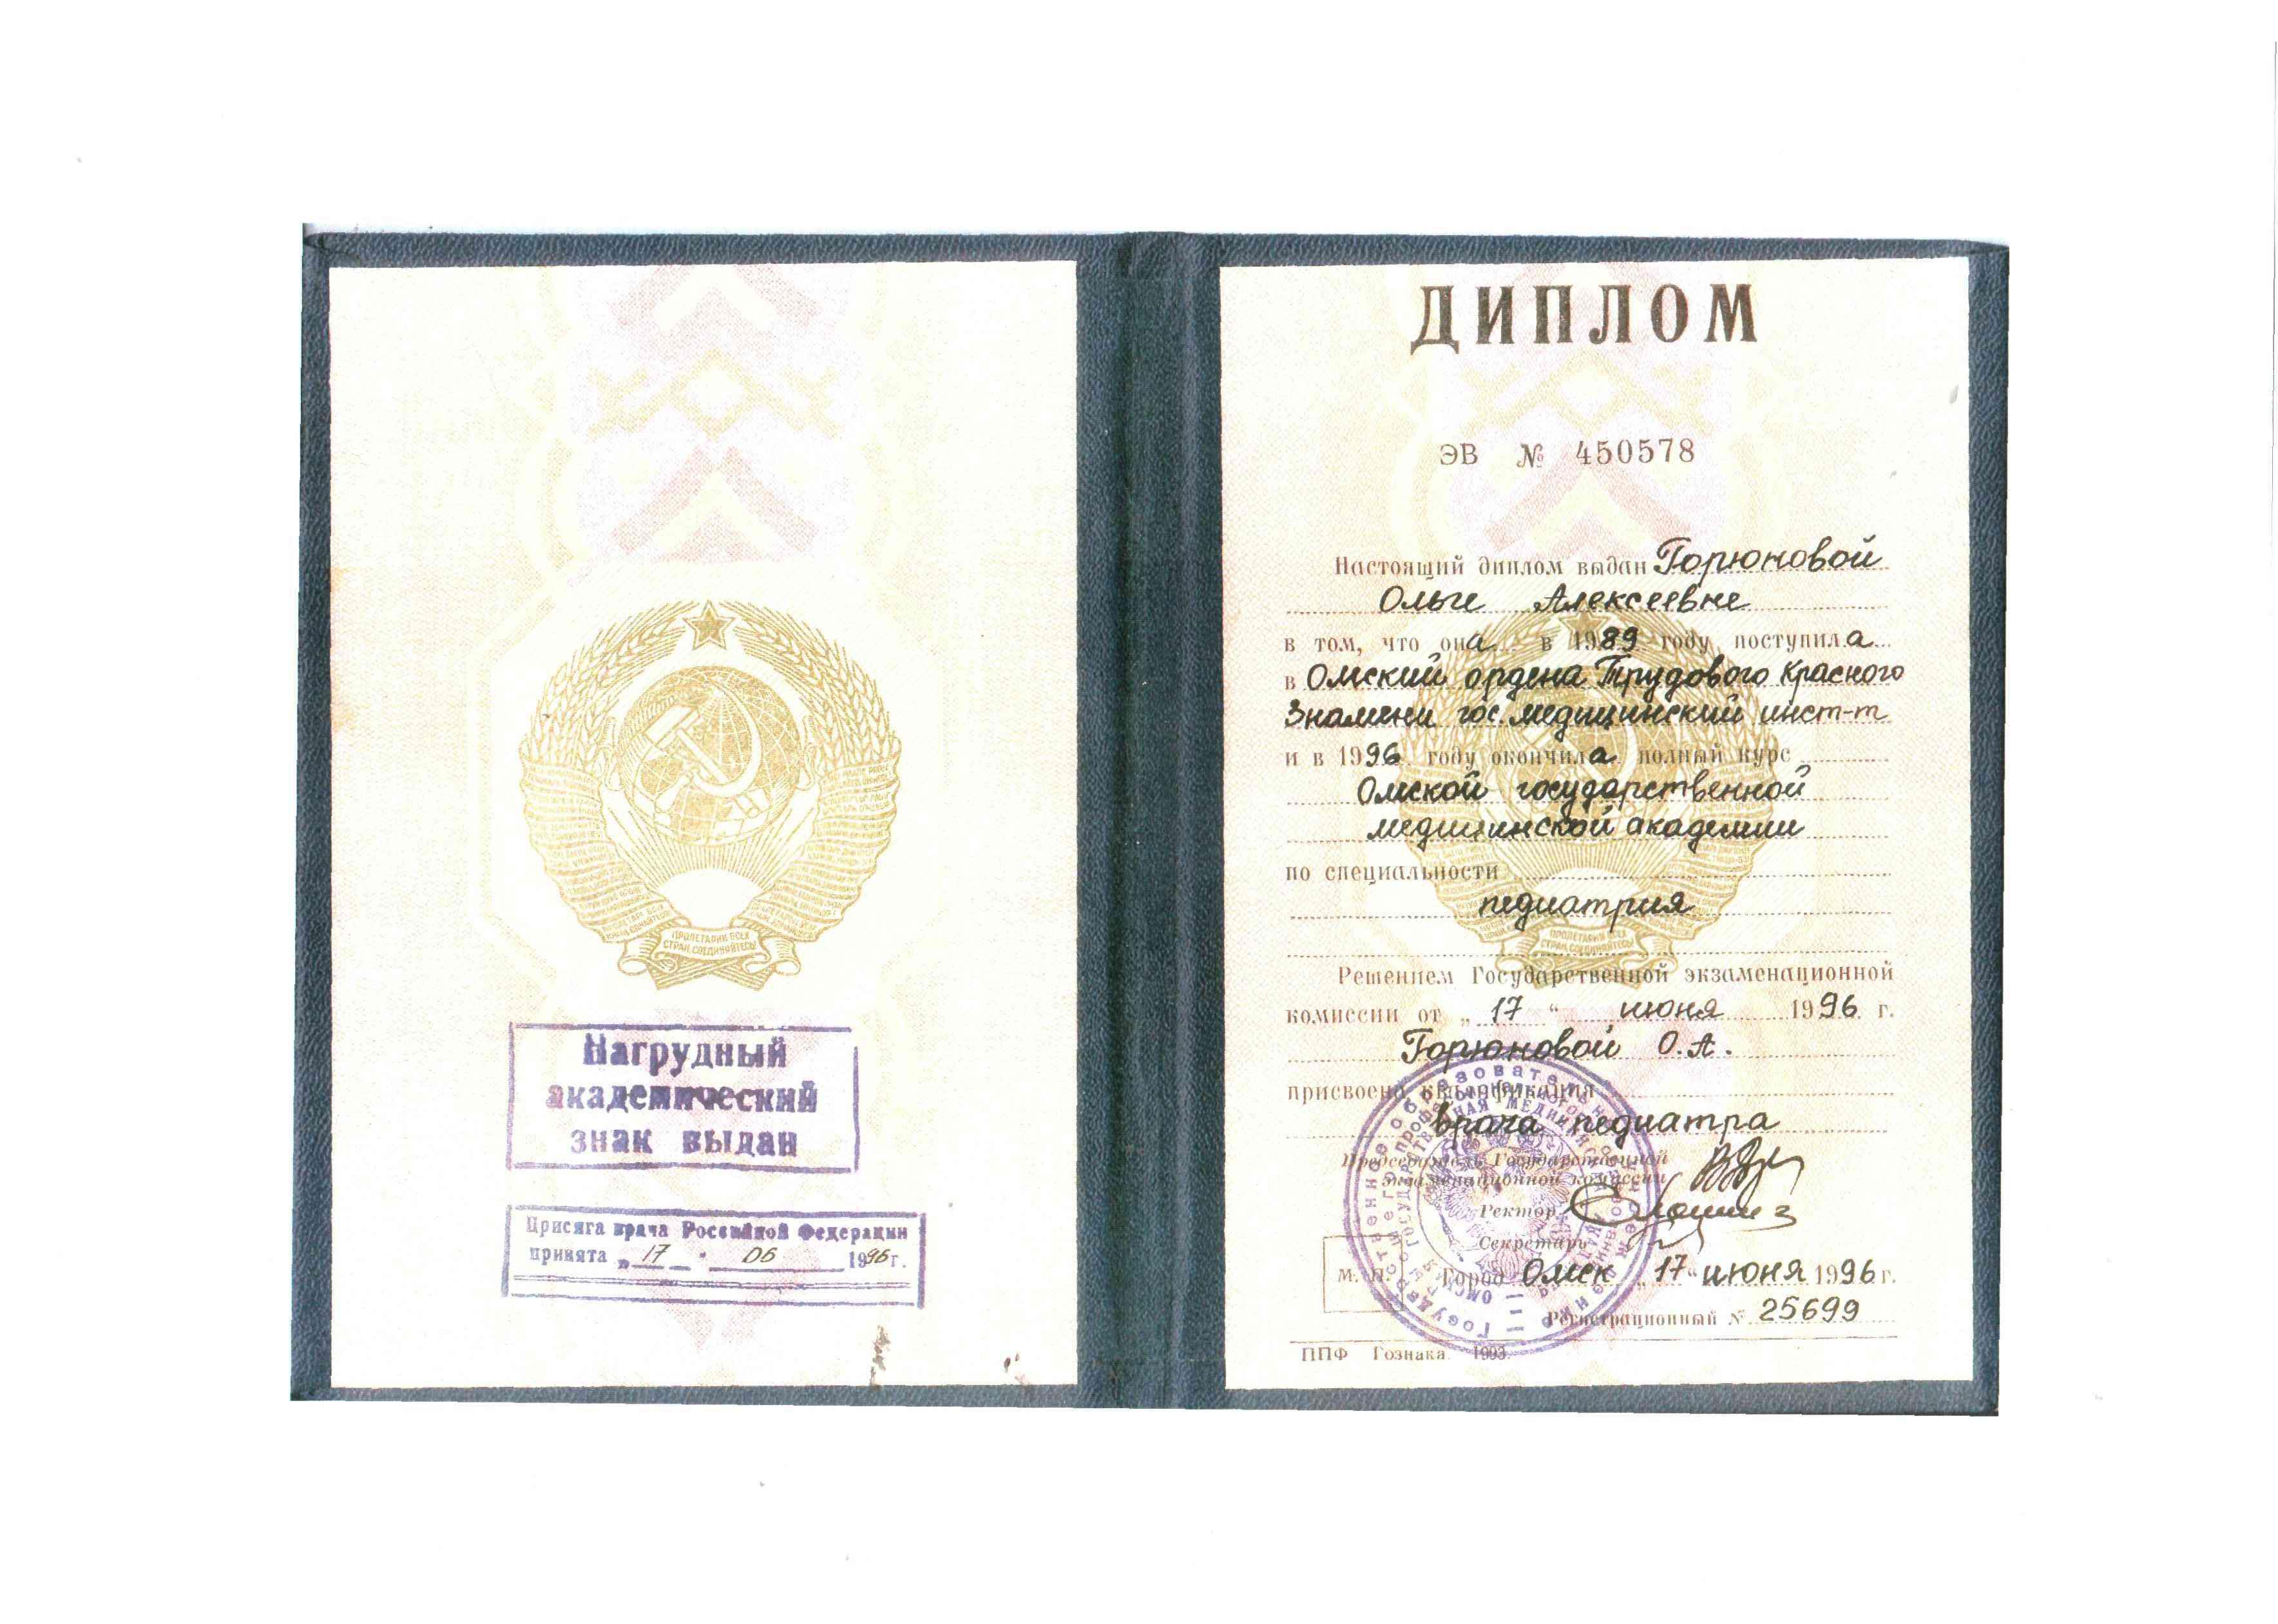 1996 диплом